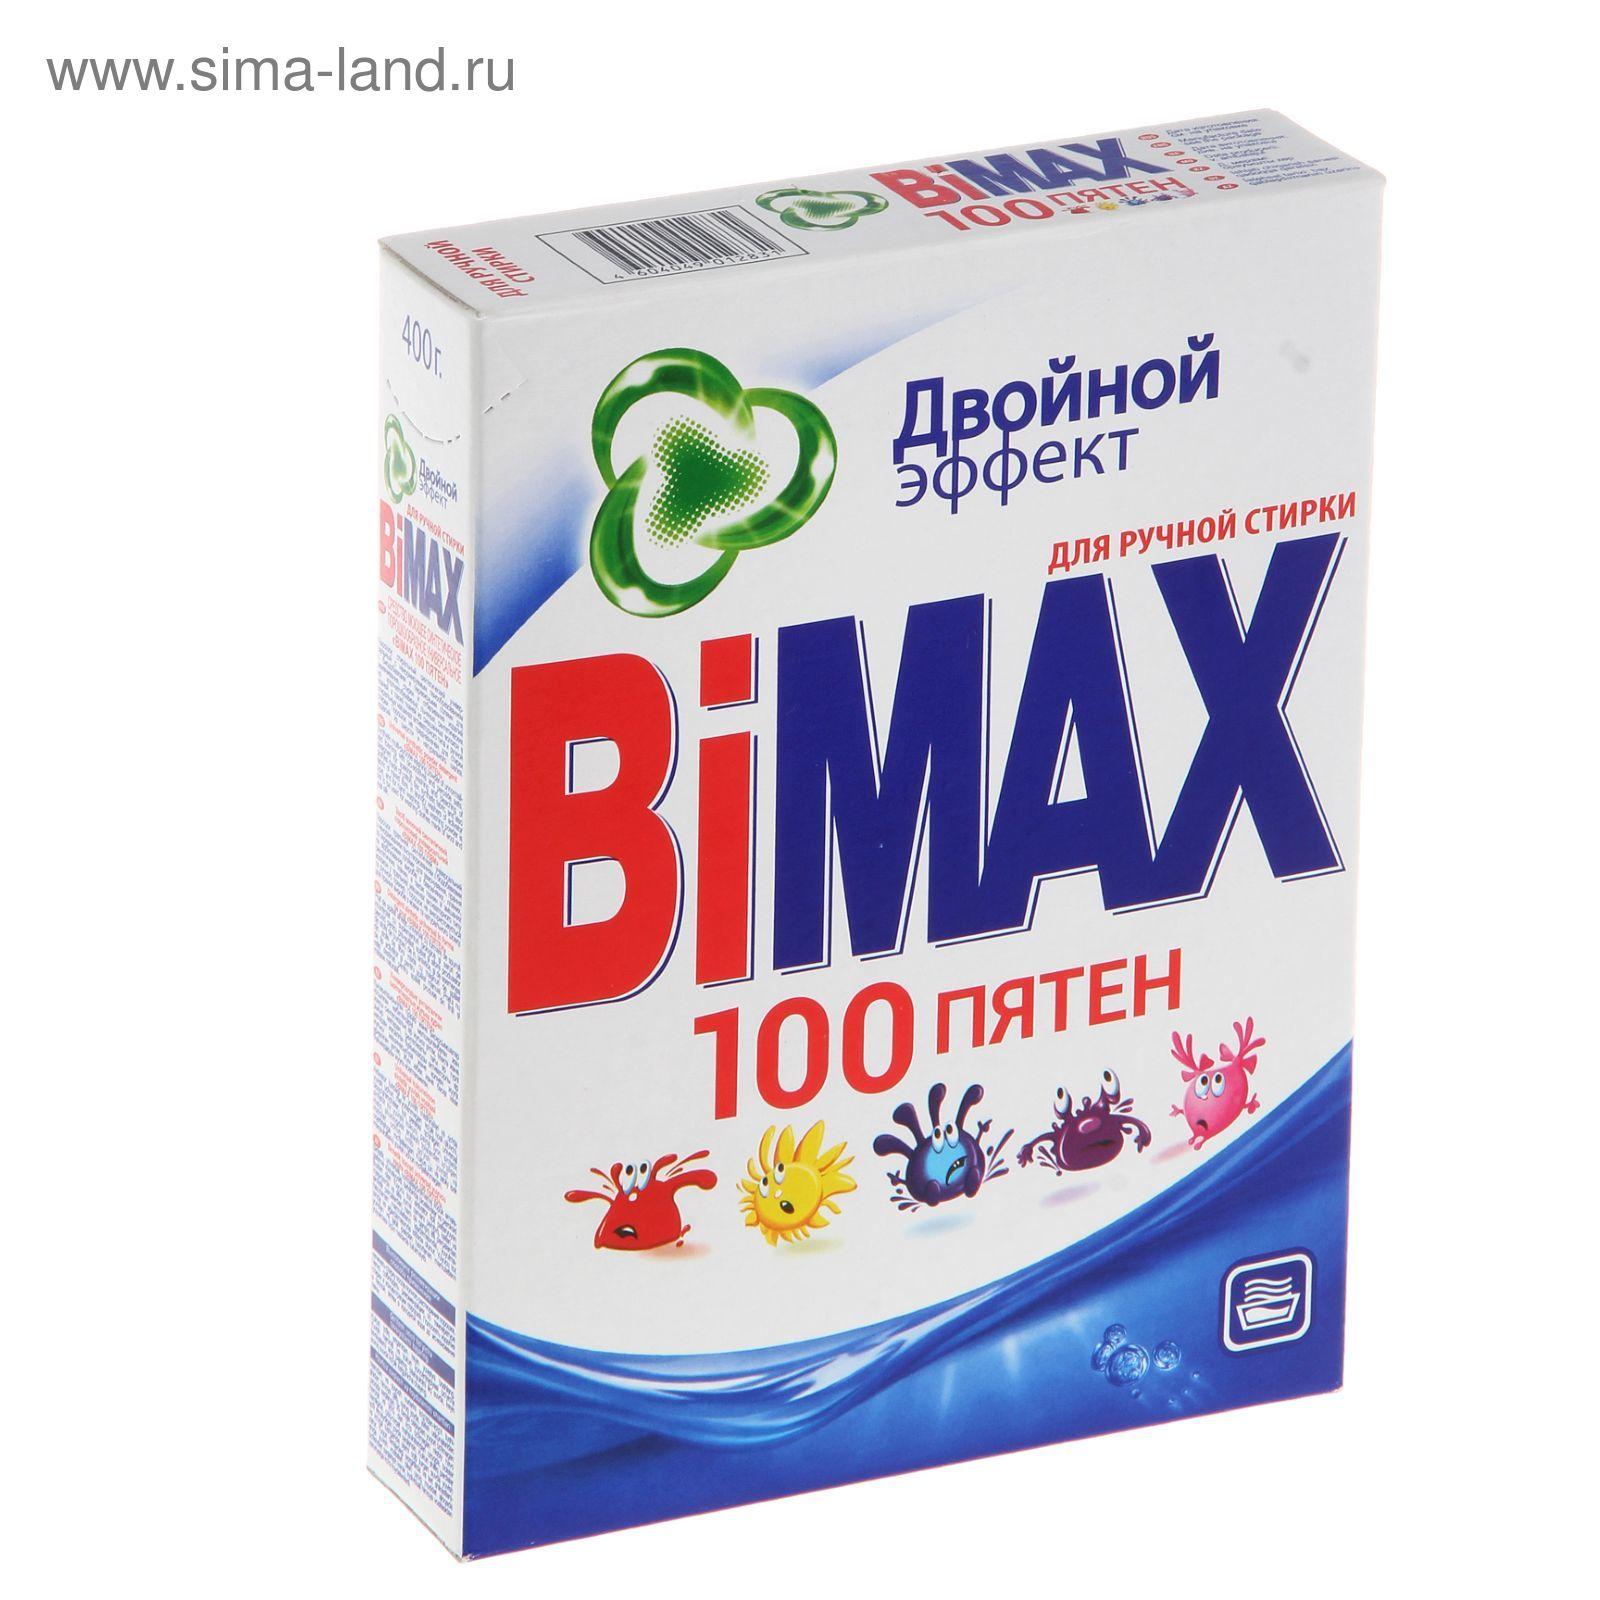 Стиральный порошок BiMAX 100 пятен для ручной стирки 400 гр